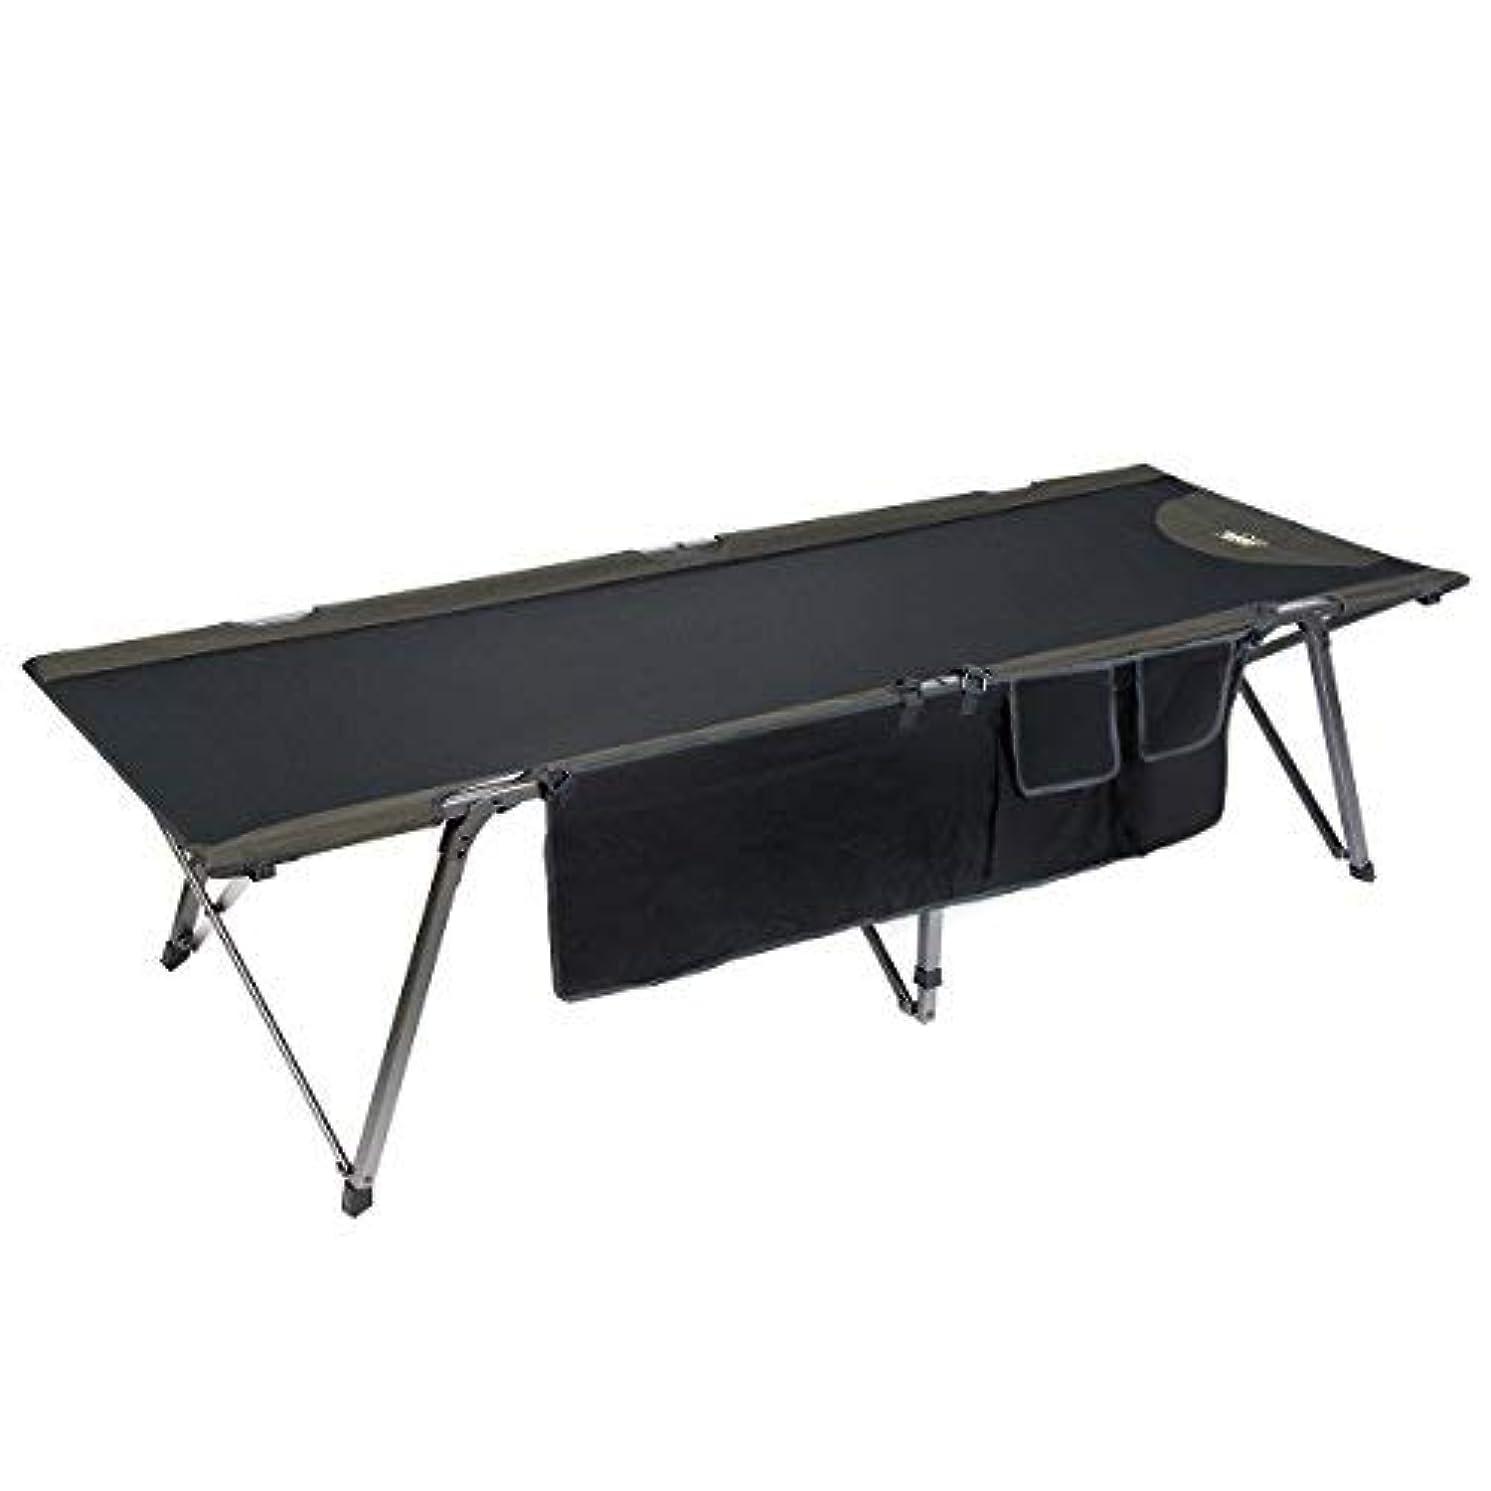 アンドリューハリディ性交重力Timber Ridge Utility Folding XL Camping Cot Portable Deluxe Bed with Carry Bag, Black [並行輸入品]